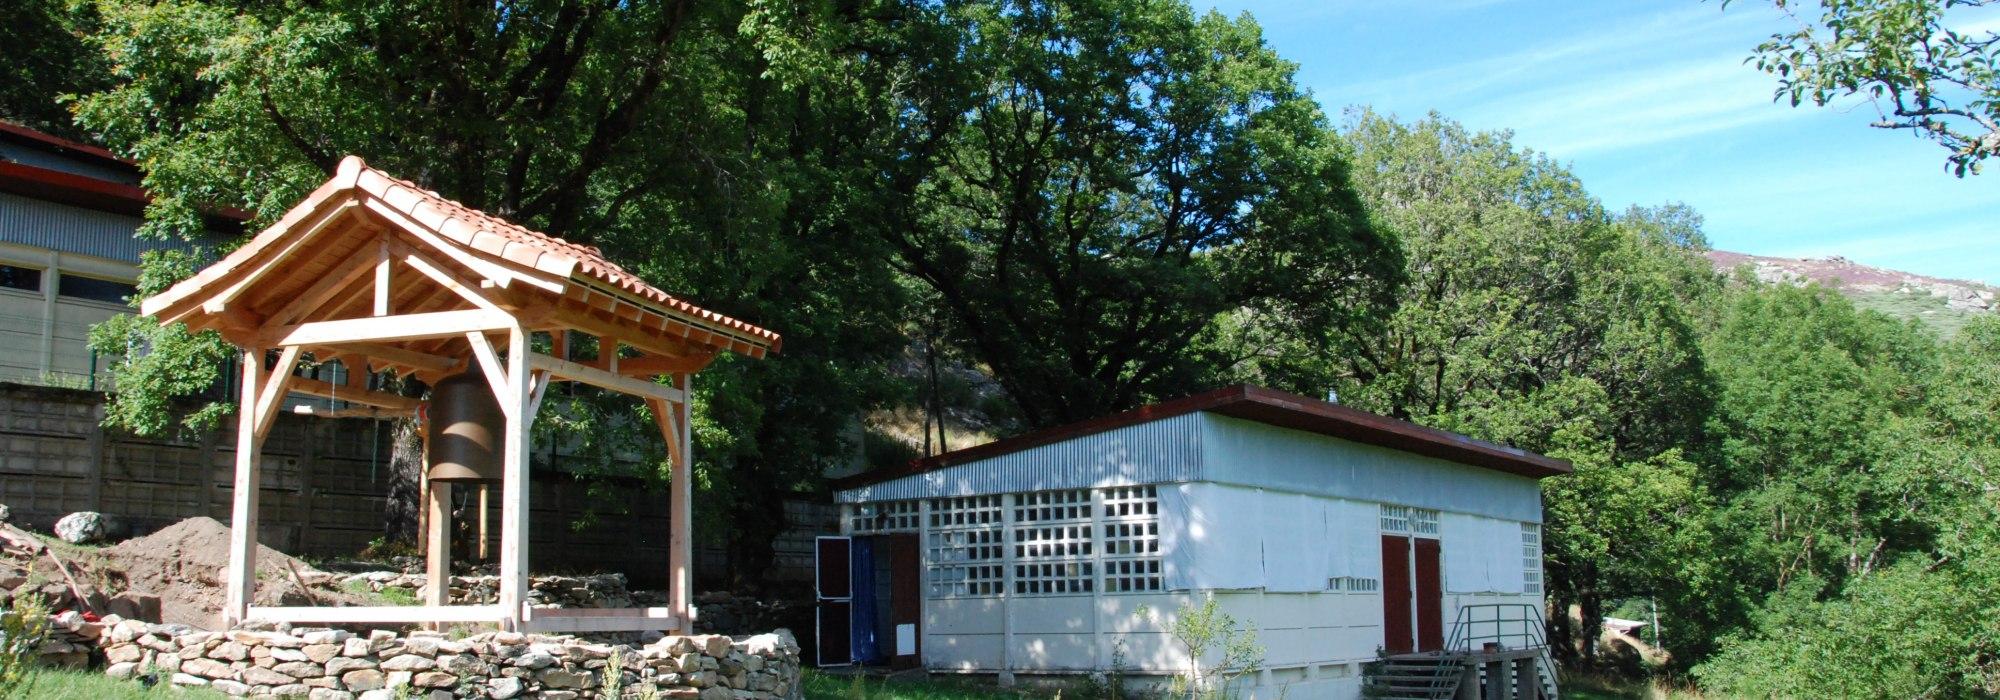 Pratique quotidienne de zazen au temple zen du Caroux : Pratique quotidienne ouverte à tous